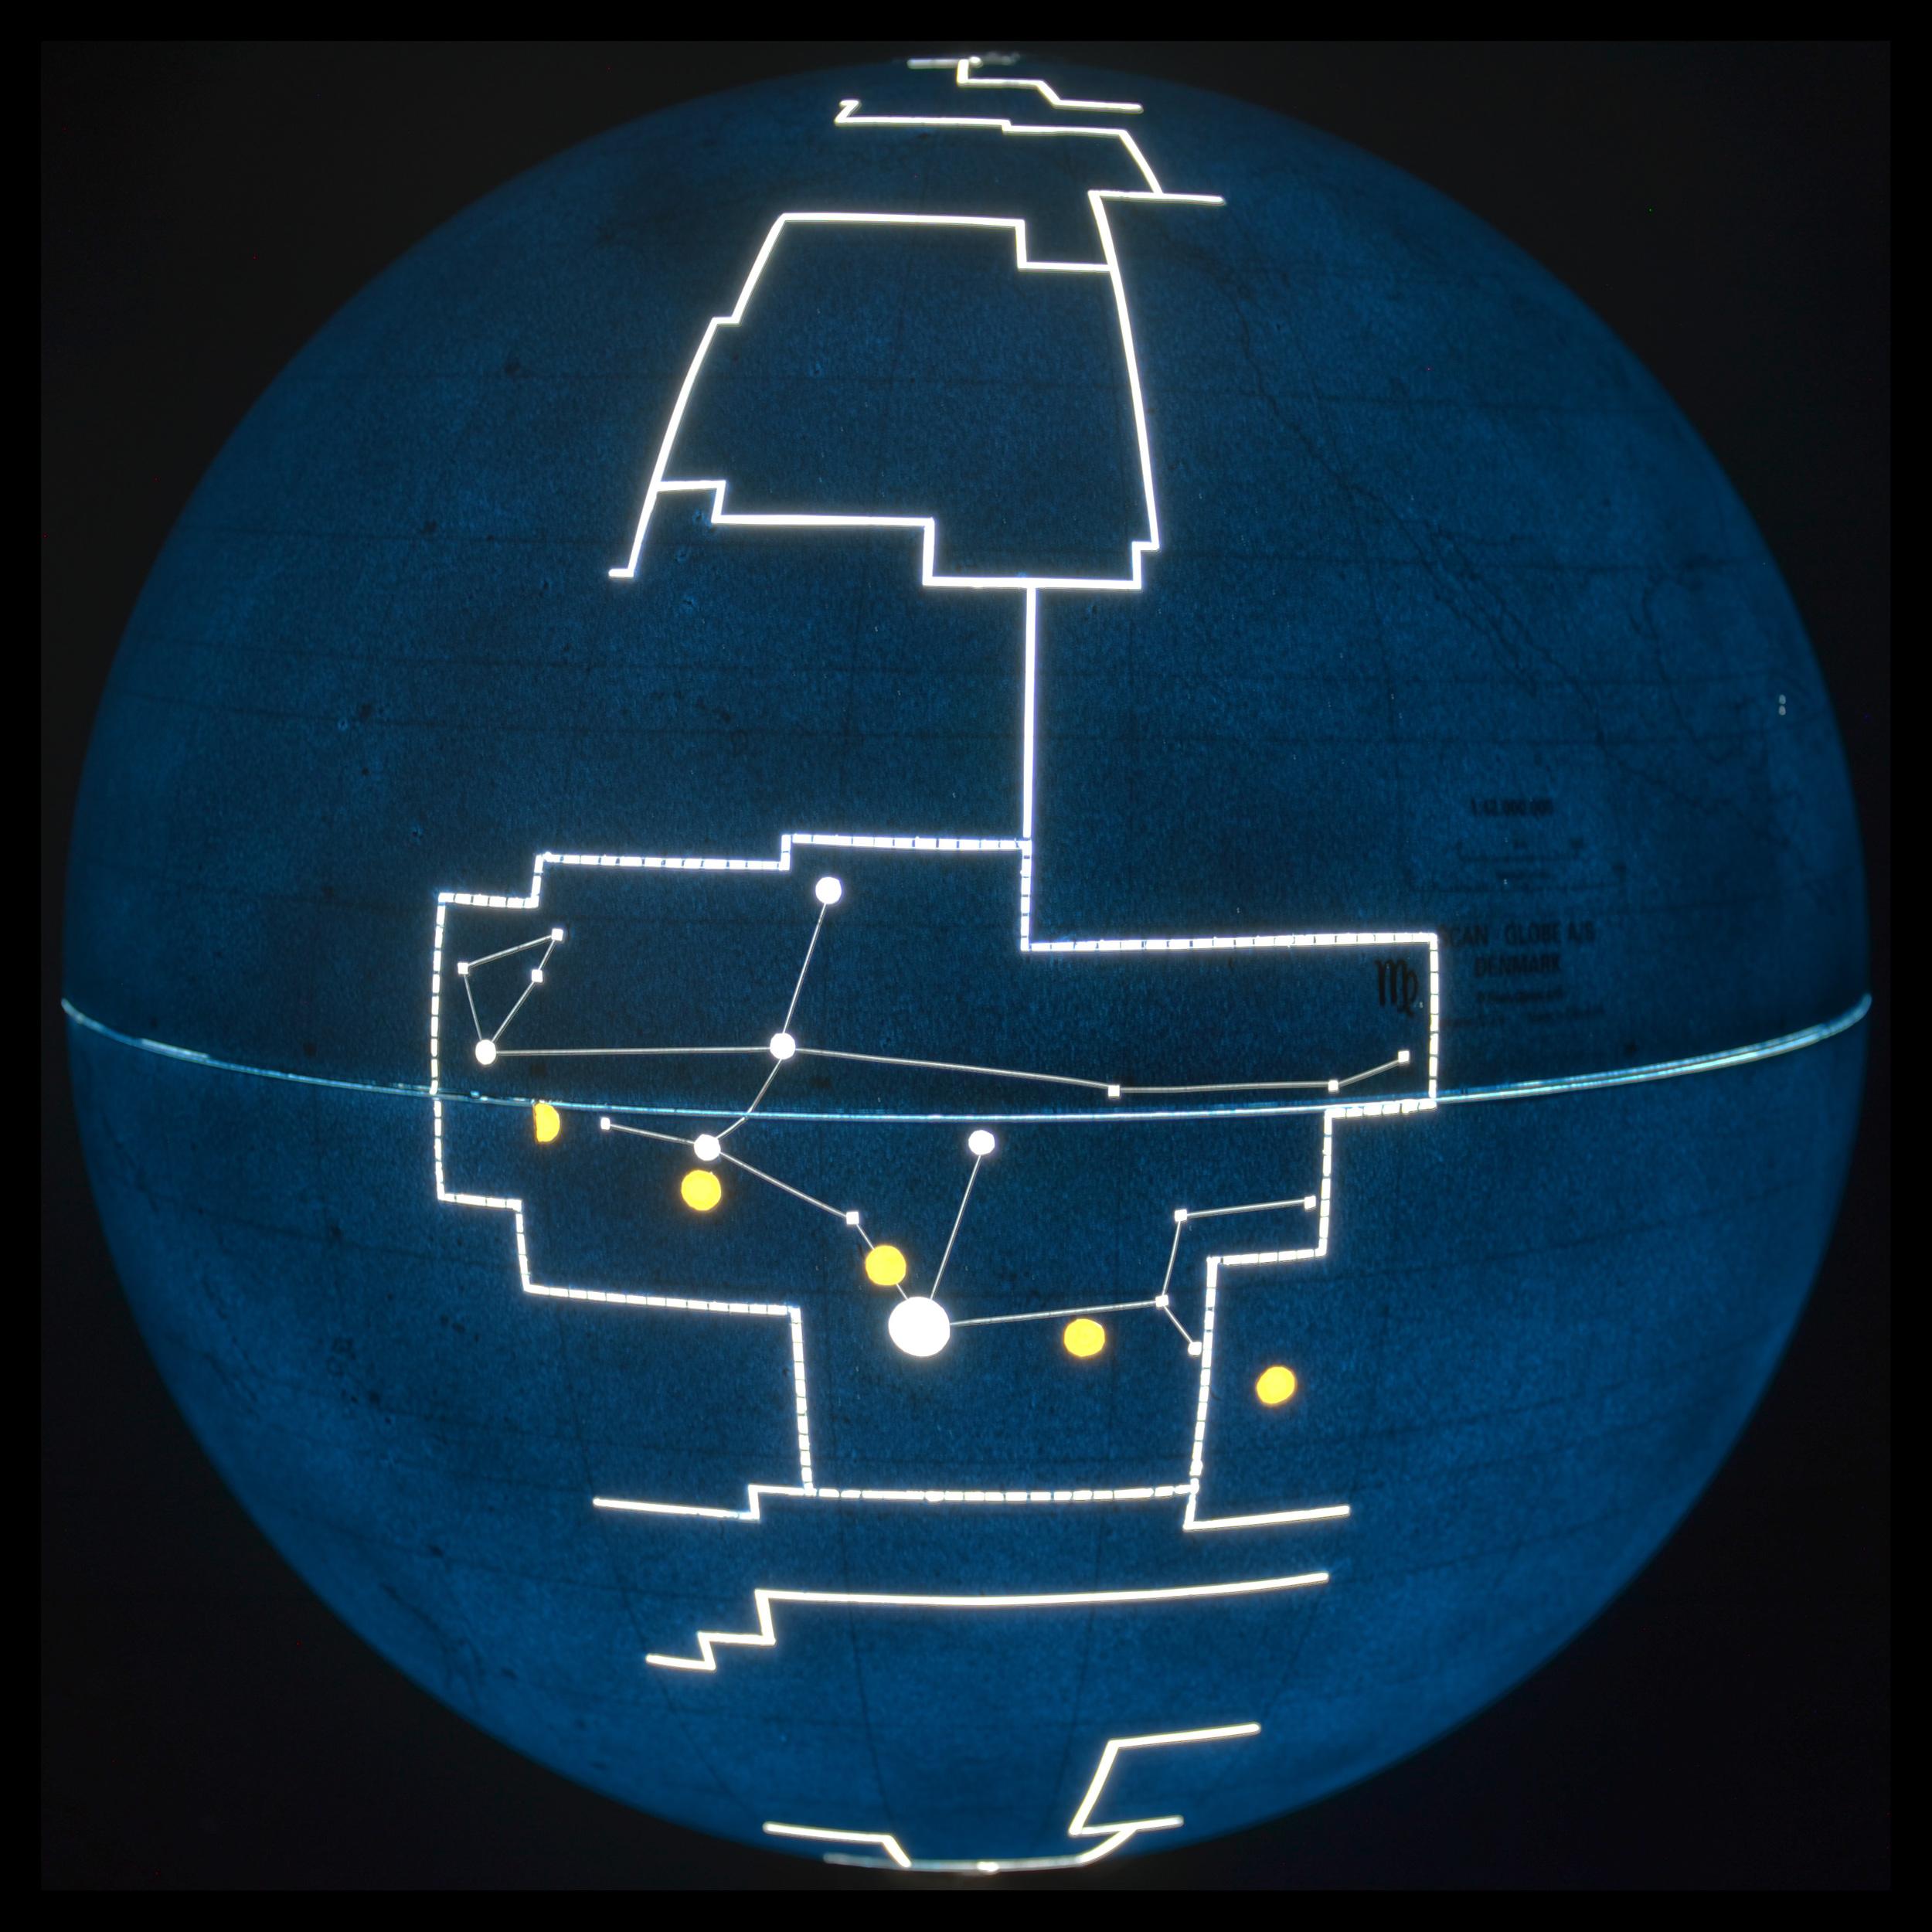 345-5F_CelestialSphere_HDR6.jpg